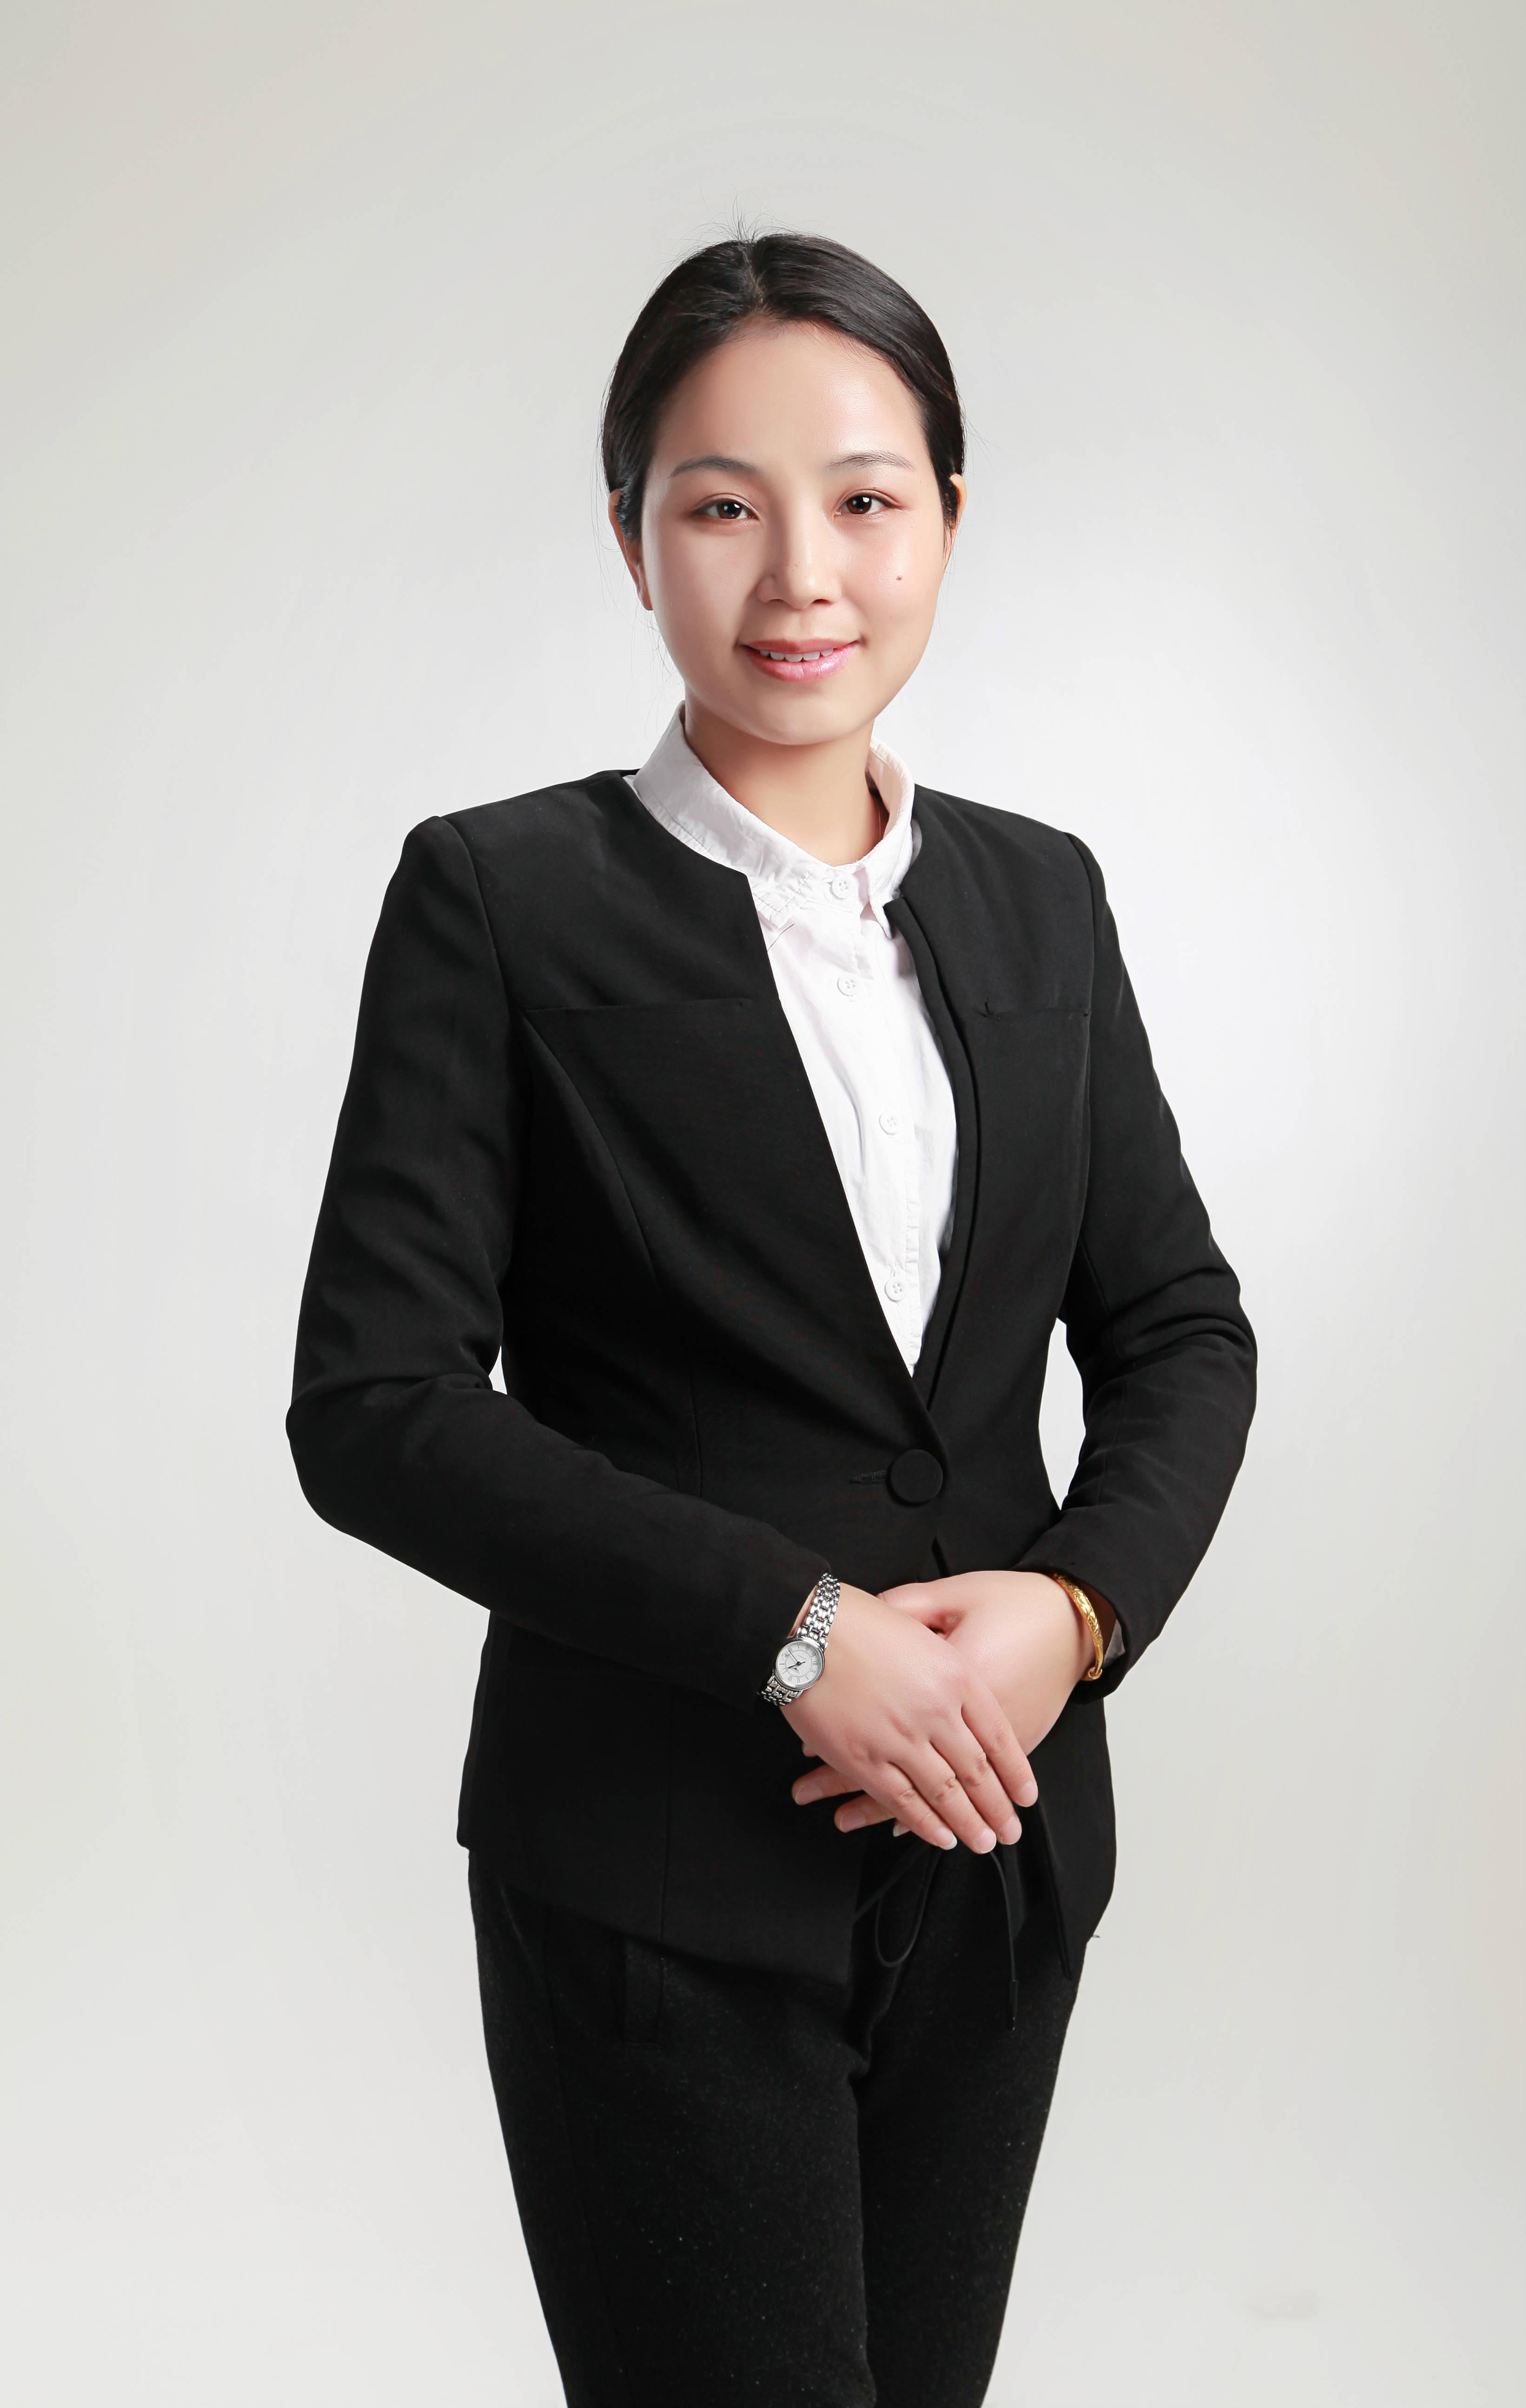 无锡二手房经纪人杨玲娟